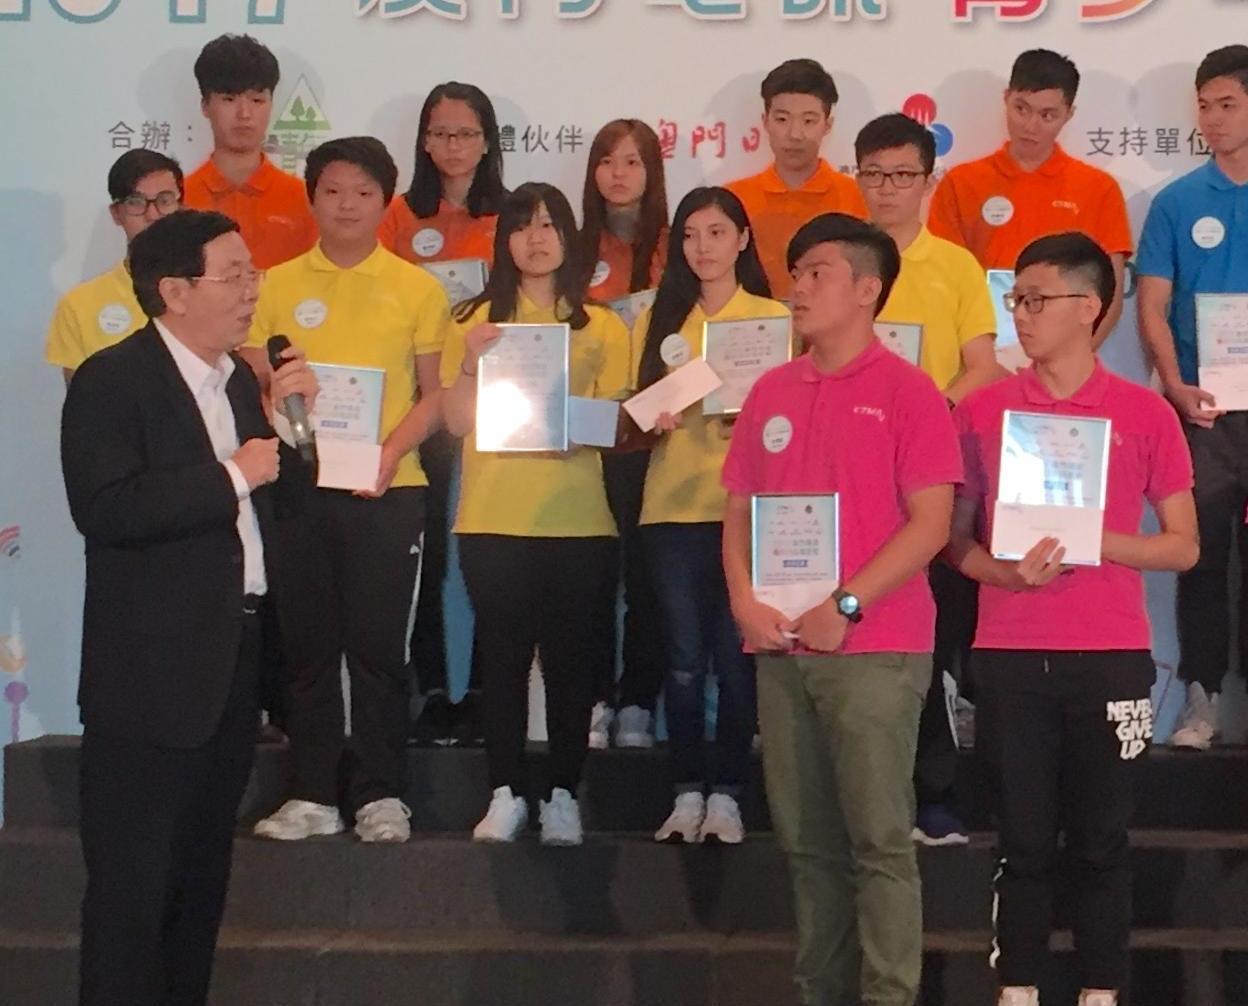 20學員獲頒證書獎學金